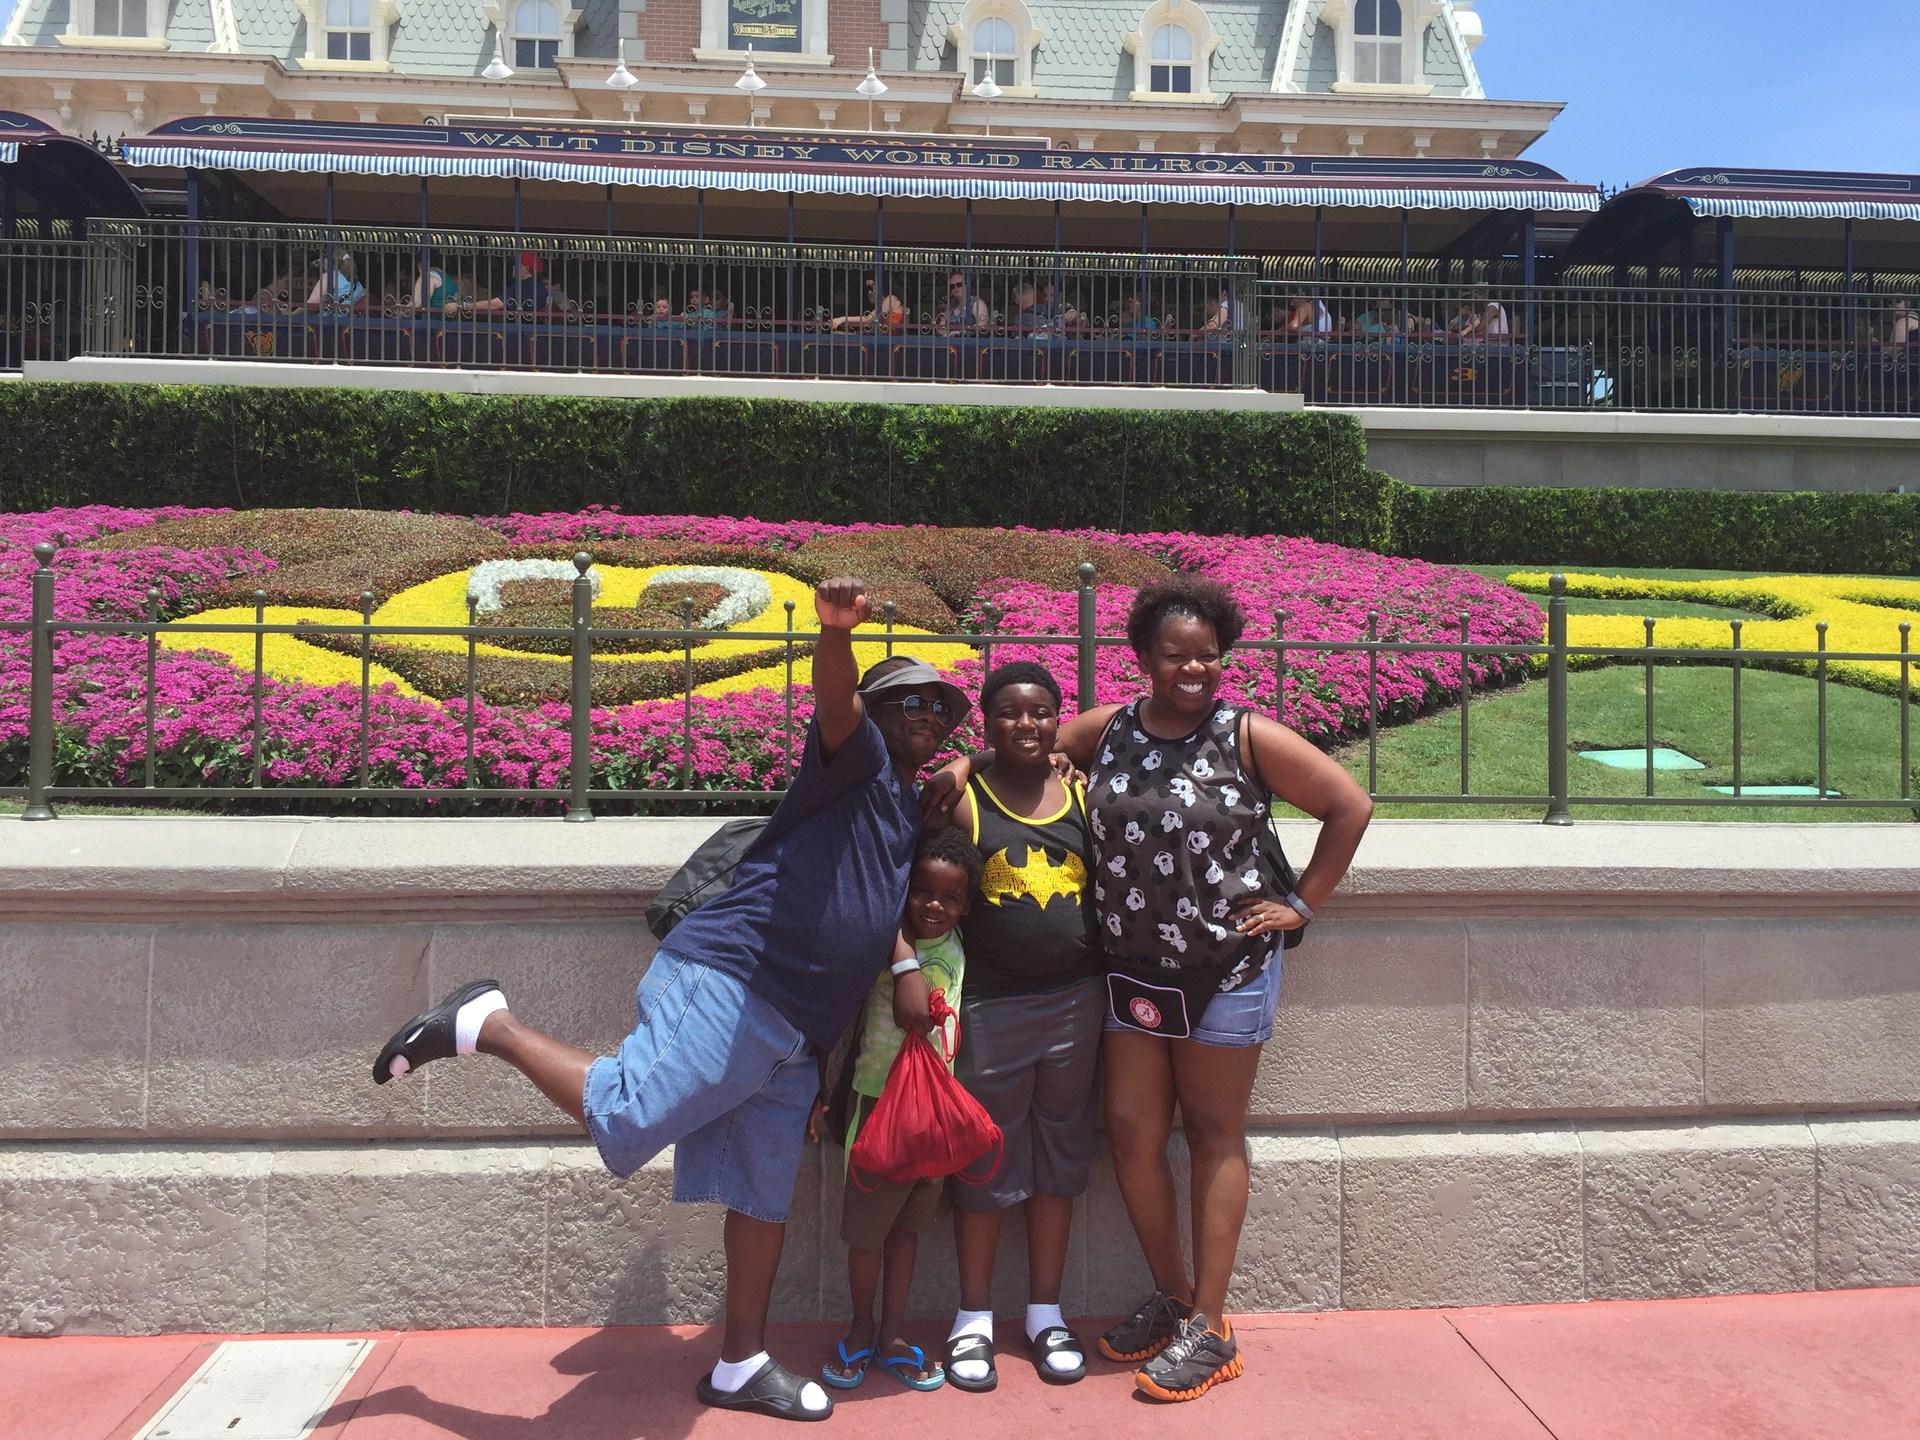 Family Vacation to Disney World (2016)